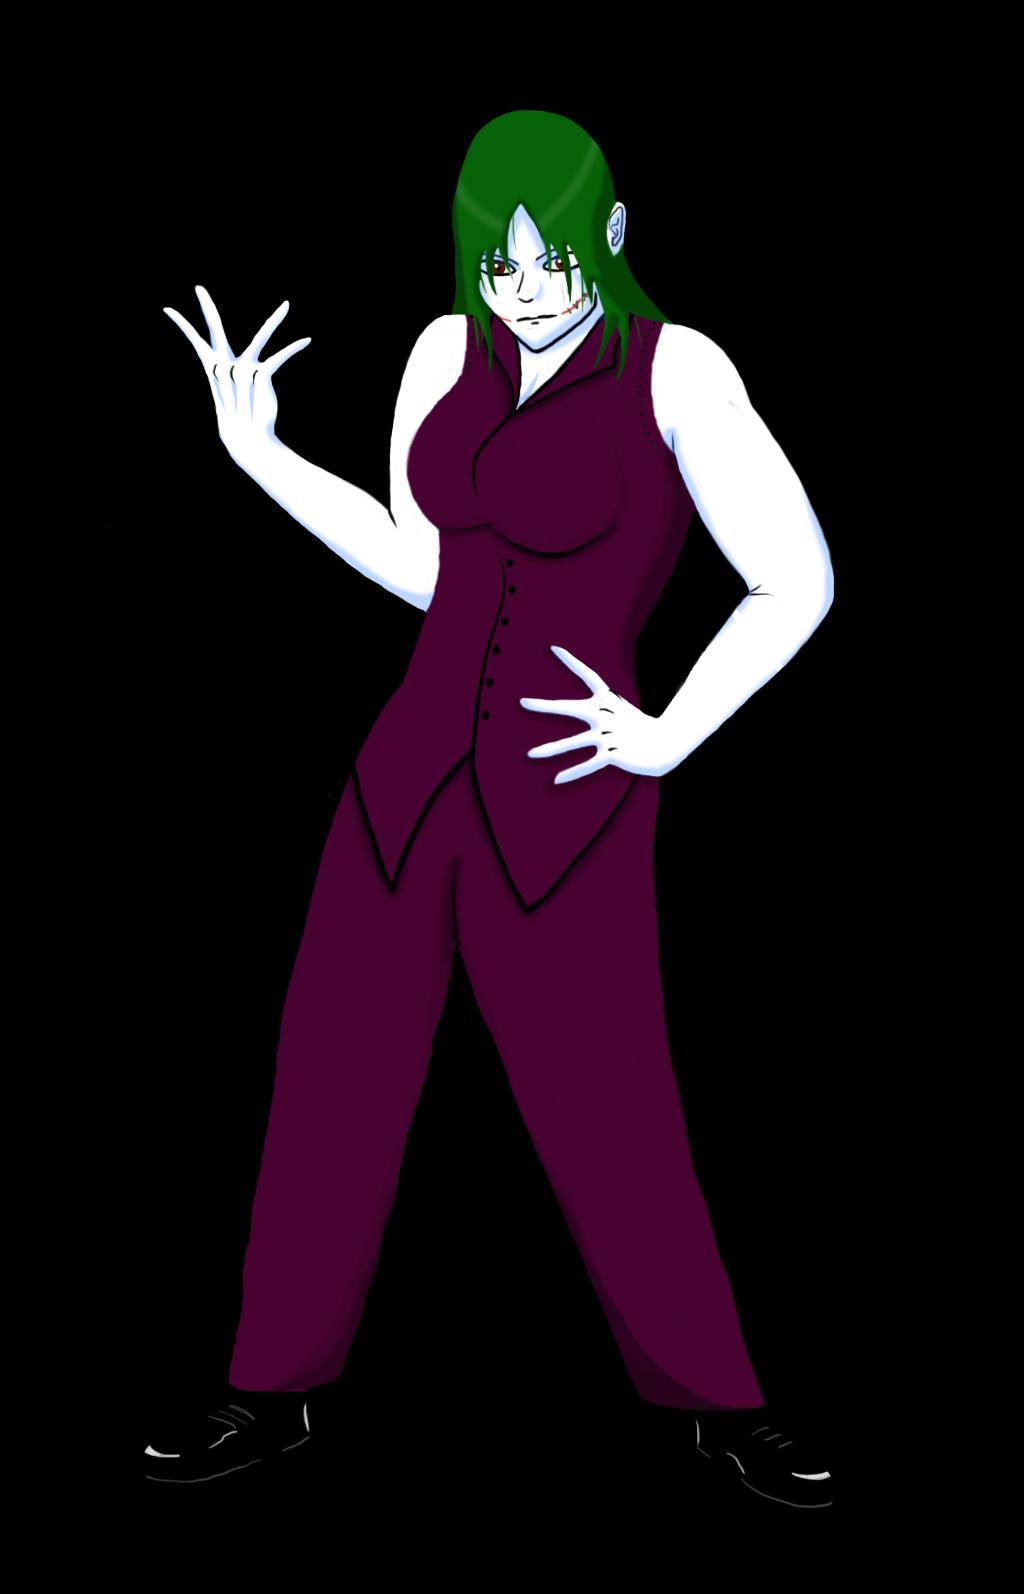 Female Joker